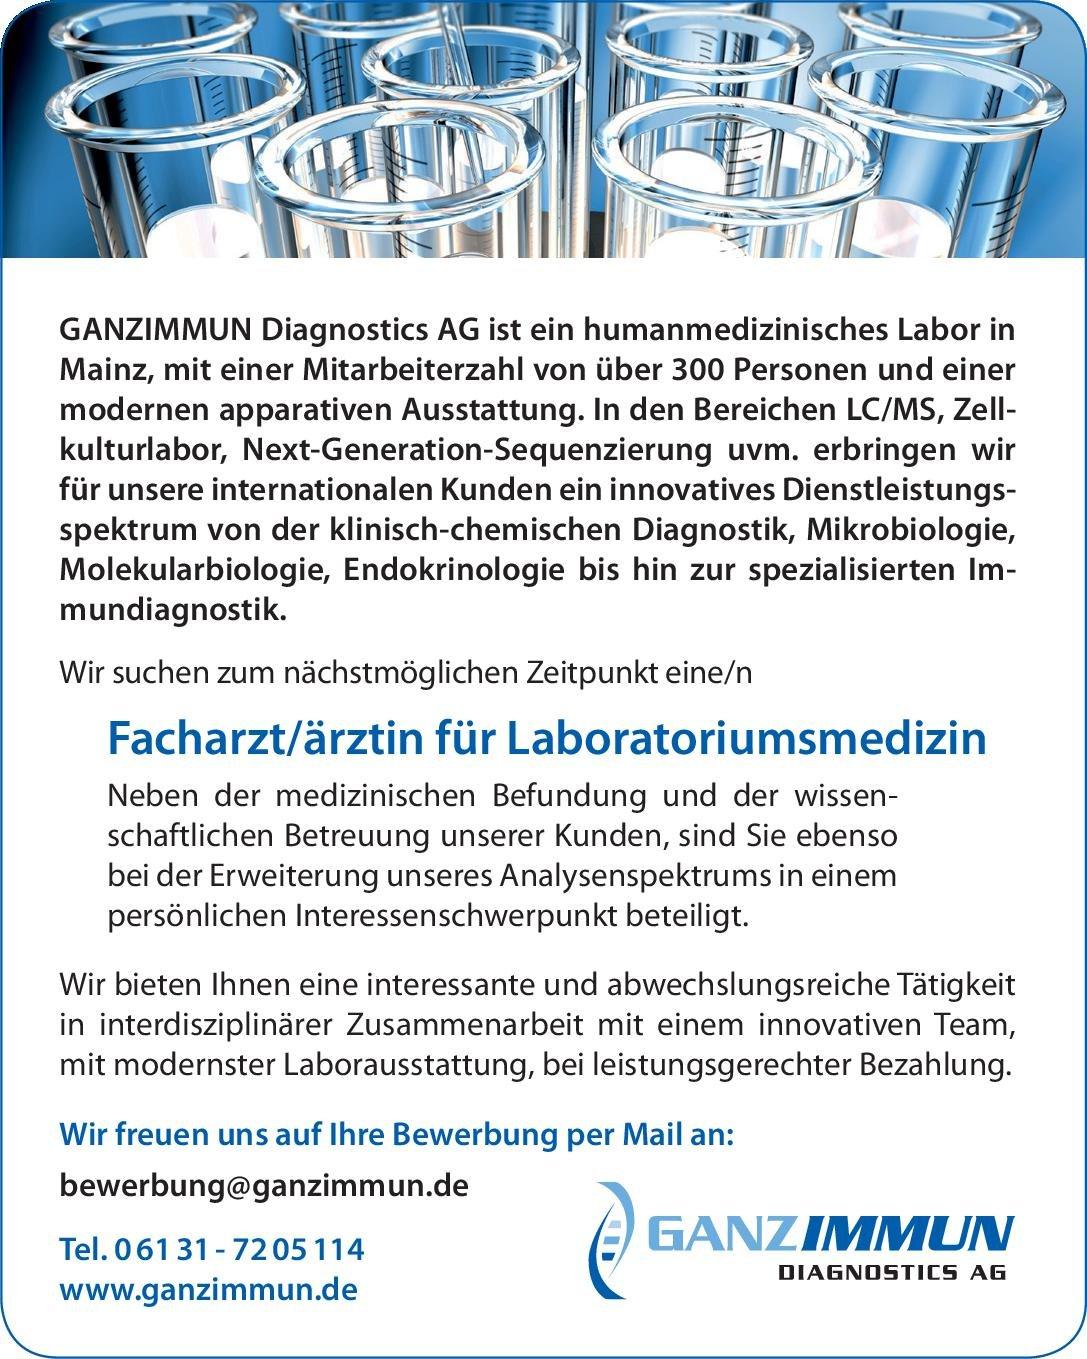 GANZIMMUN Diagnostics AG Facharzt/ärztin für Laboratoriumsmedizin Laboratoriumsmedizin Arzt / Facharzt